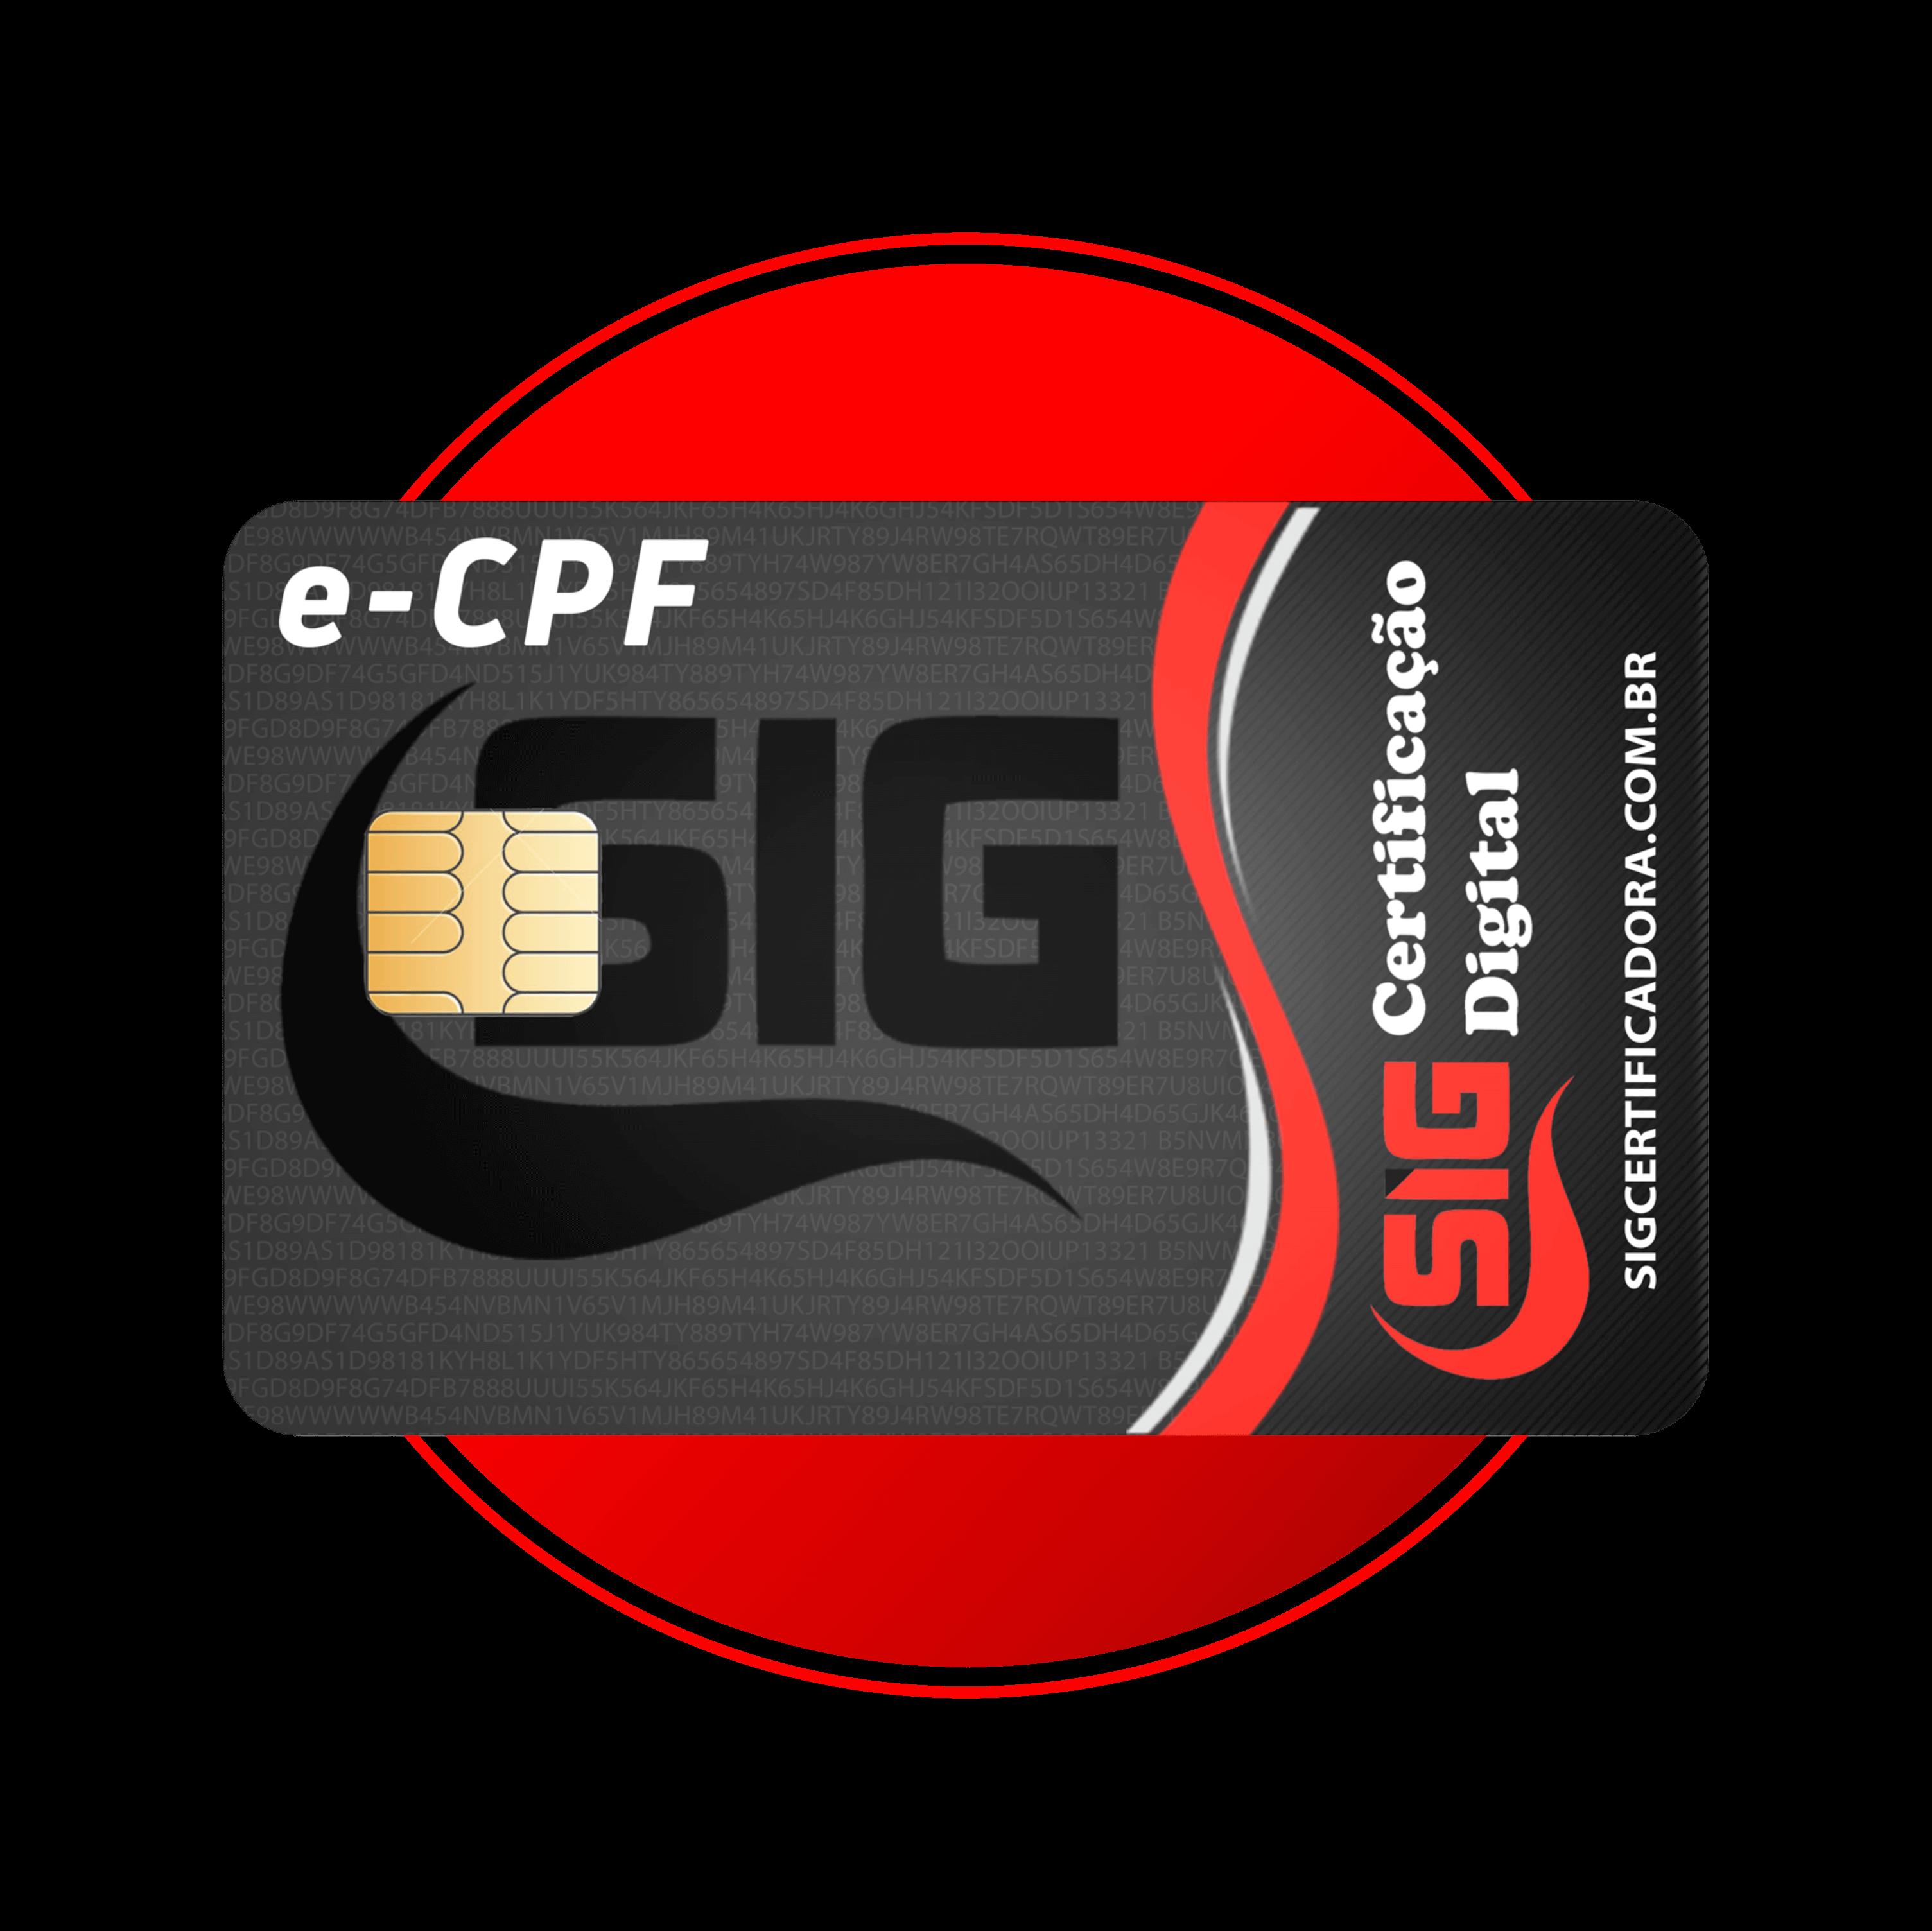 e-CPF A3 - 1 ANO em cartão